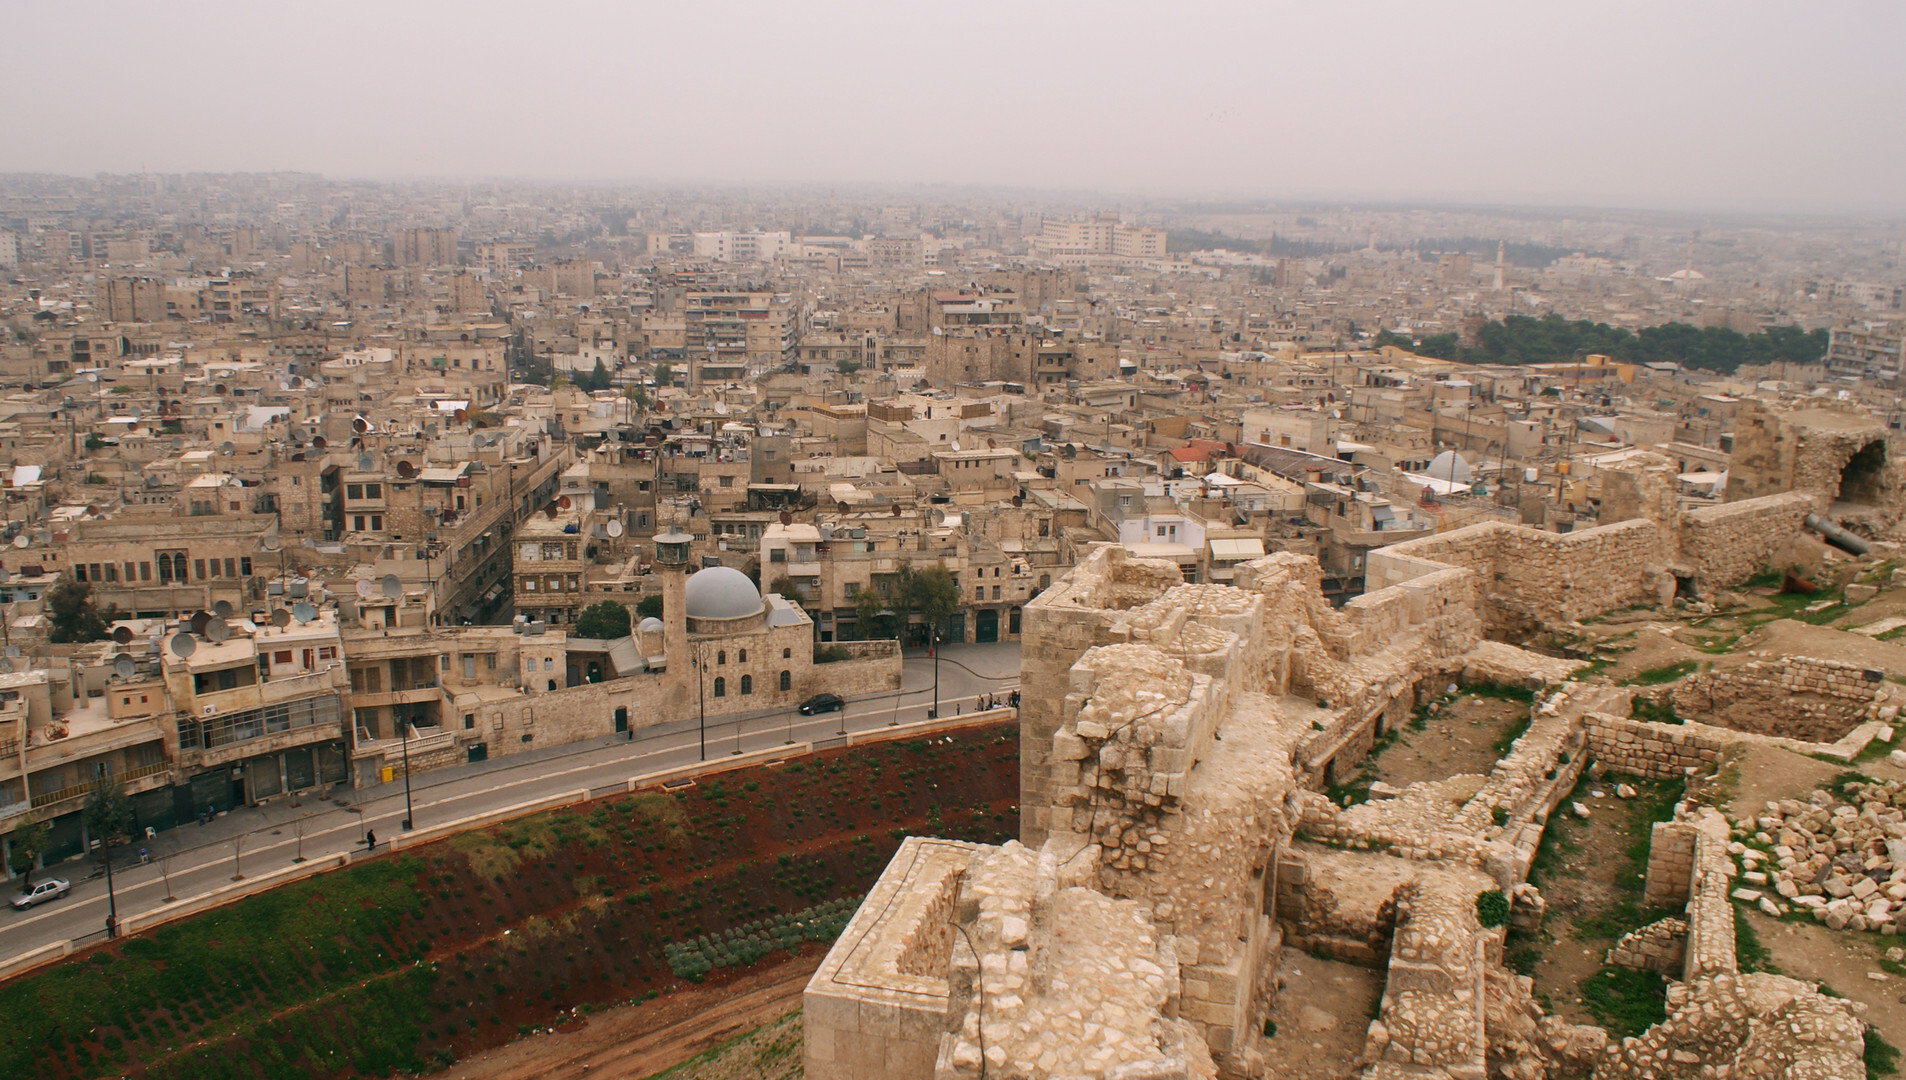 دراسة استئناف فتح الخط الجوي كراسنودار- حلب